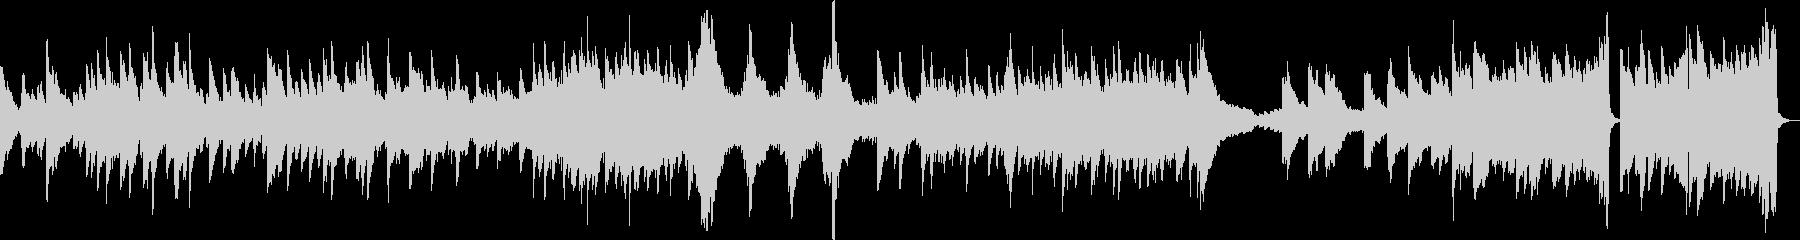 刻々と迫る危機(ピアノ、緊迫)の未再生の波形